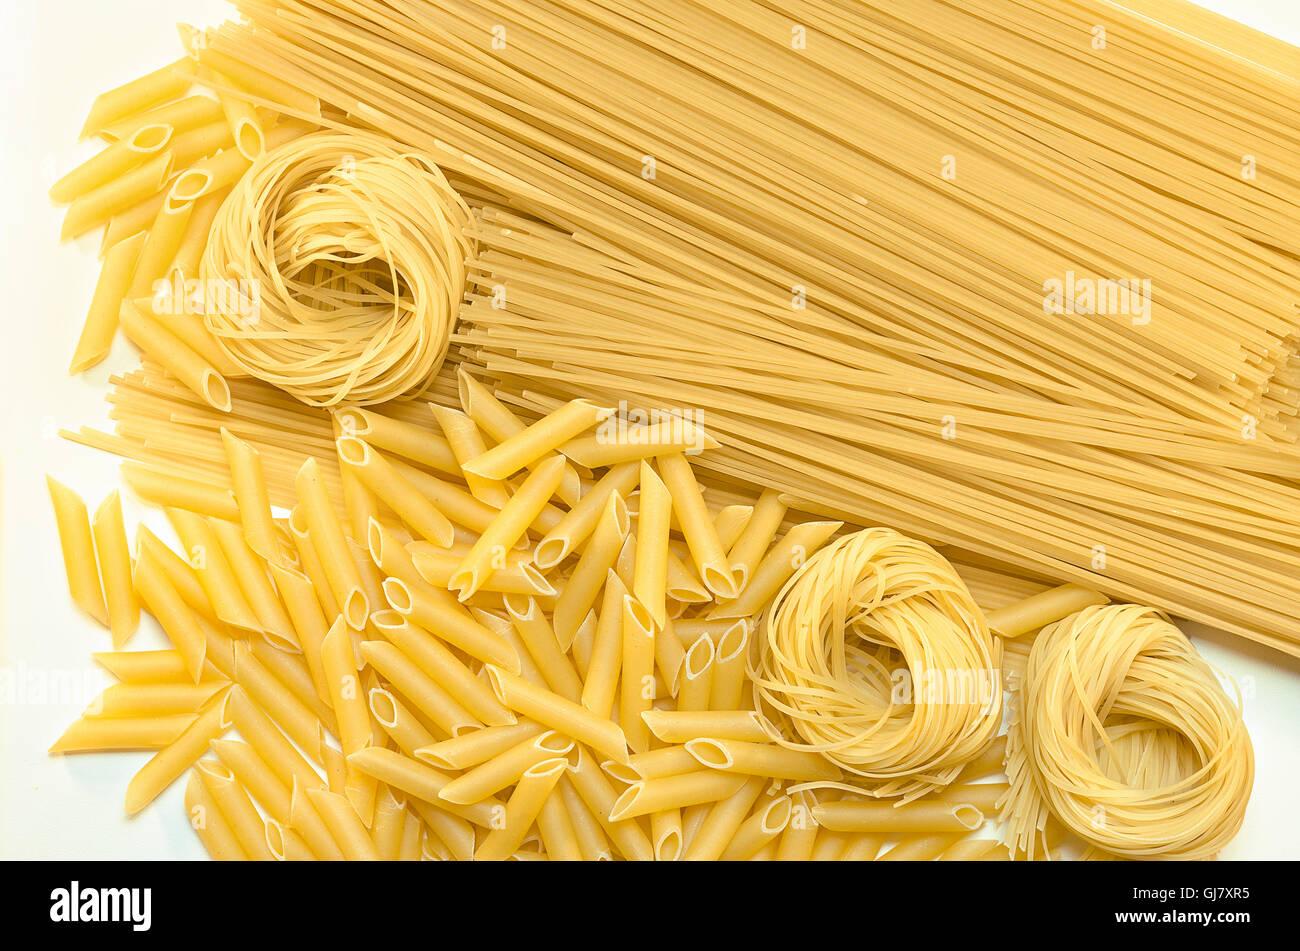 Diversi di pasta giacente sulla superficie bianca Immagini Stock